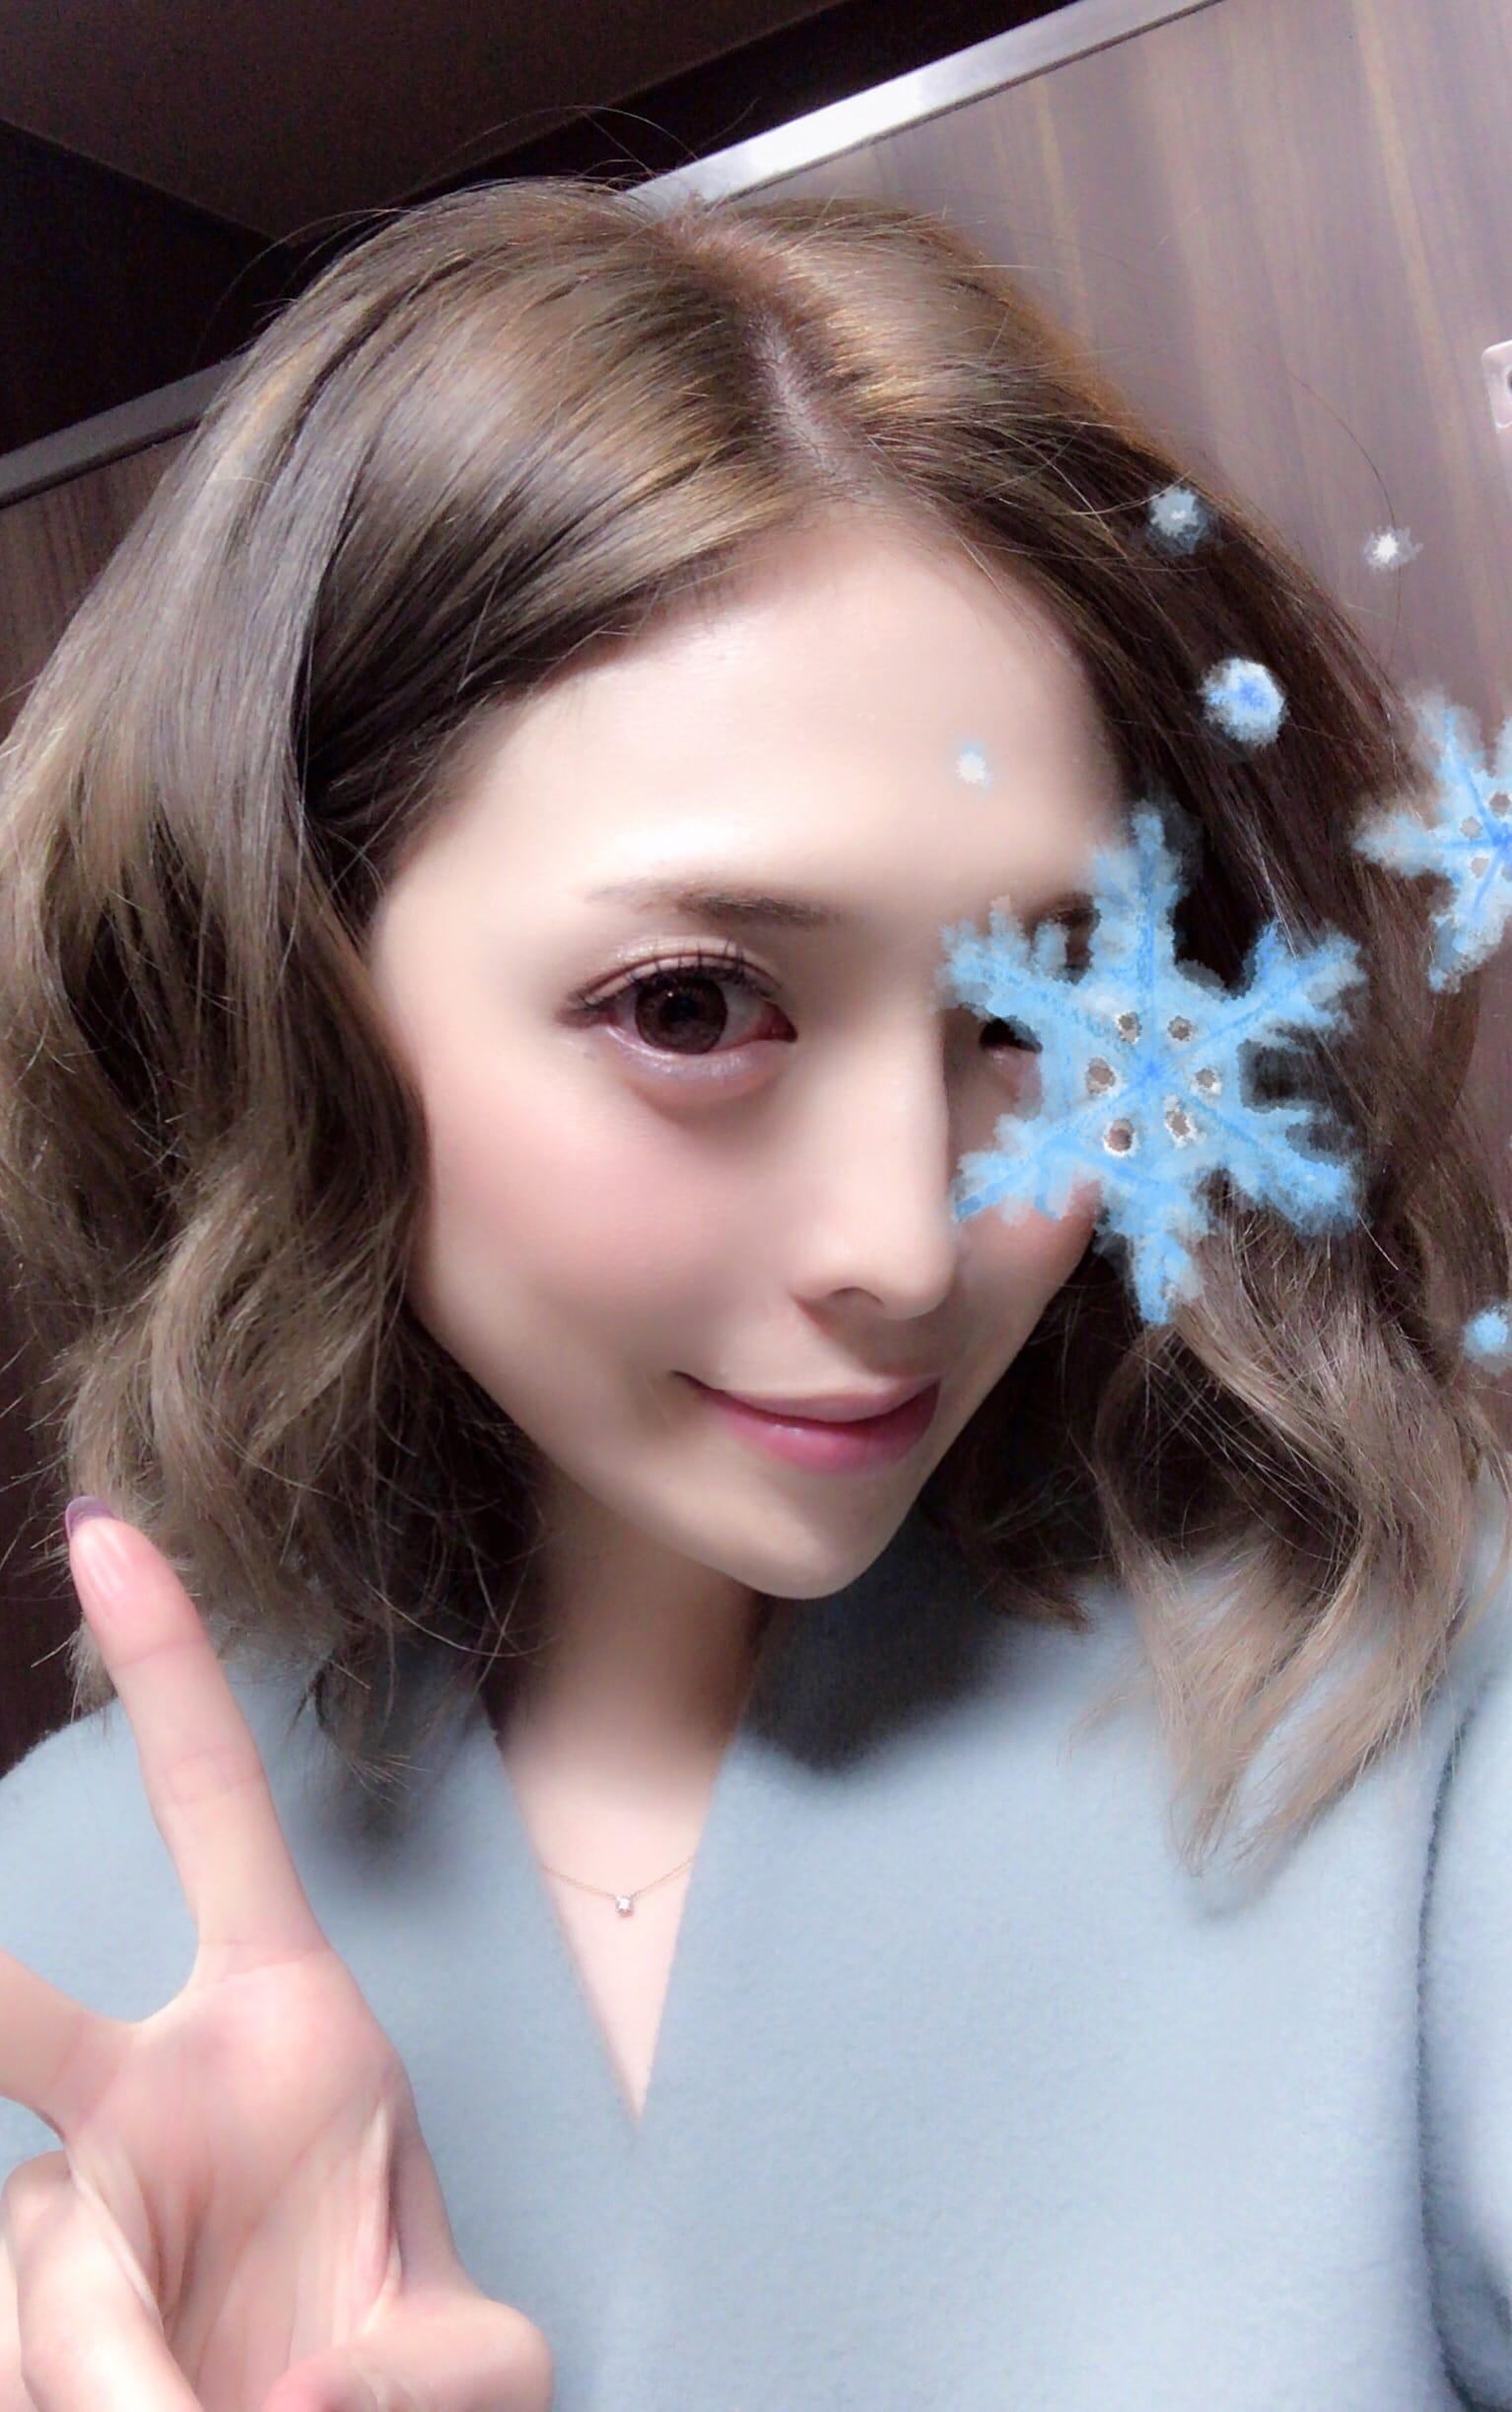 「このあと6時から出勤しまーす?」02/18(日) 15:53   YUKAの写メ・風俗動画